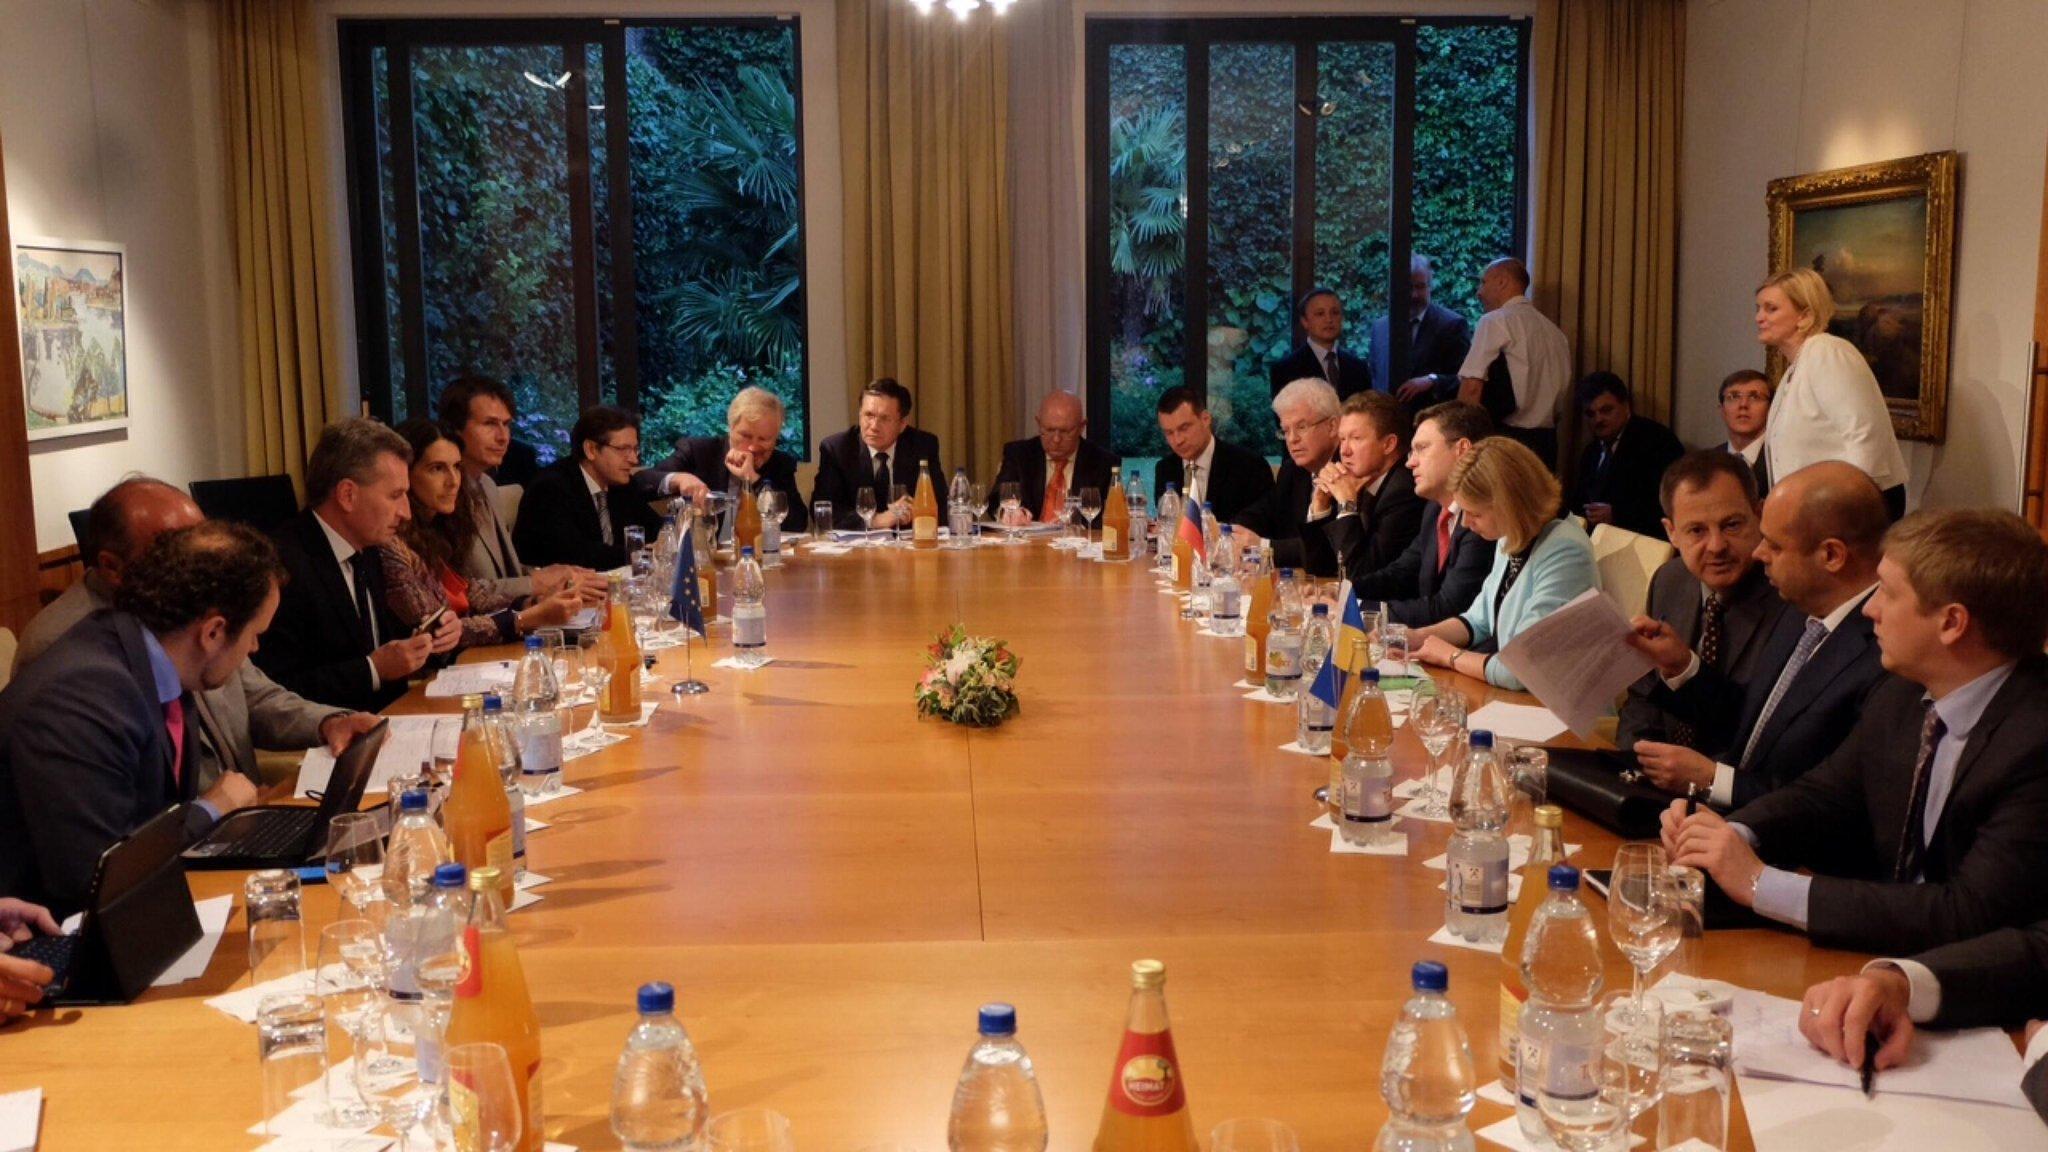 В Брюсселе продолжаются трехсторонние переговоры о газовом кризисе между Украиной и РФ - Цензор.НЕТ 8974